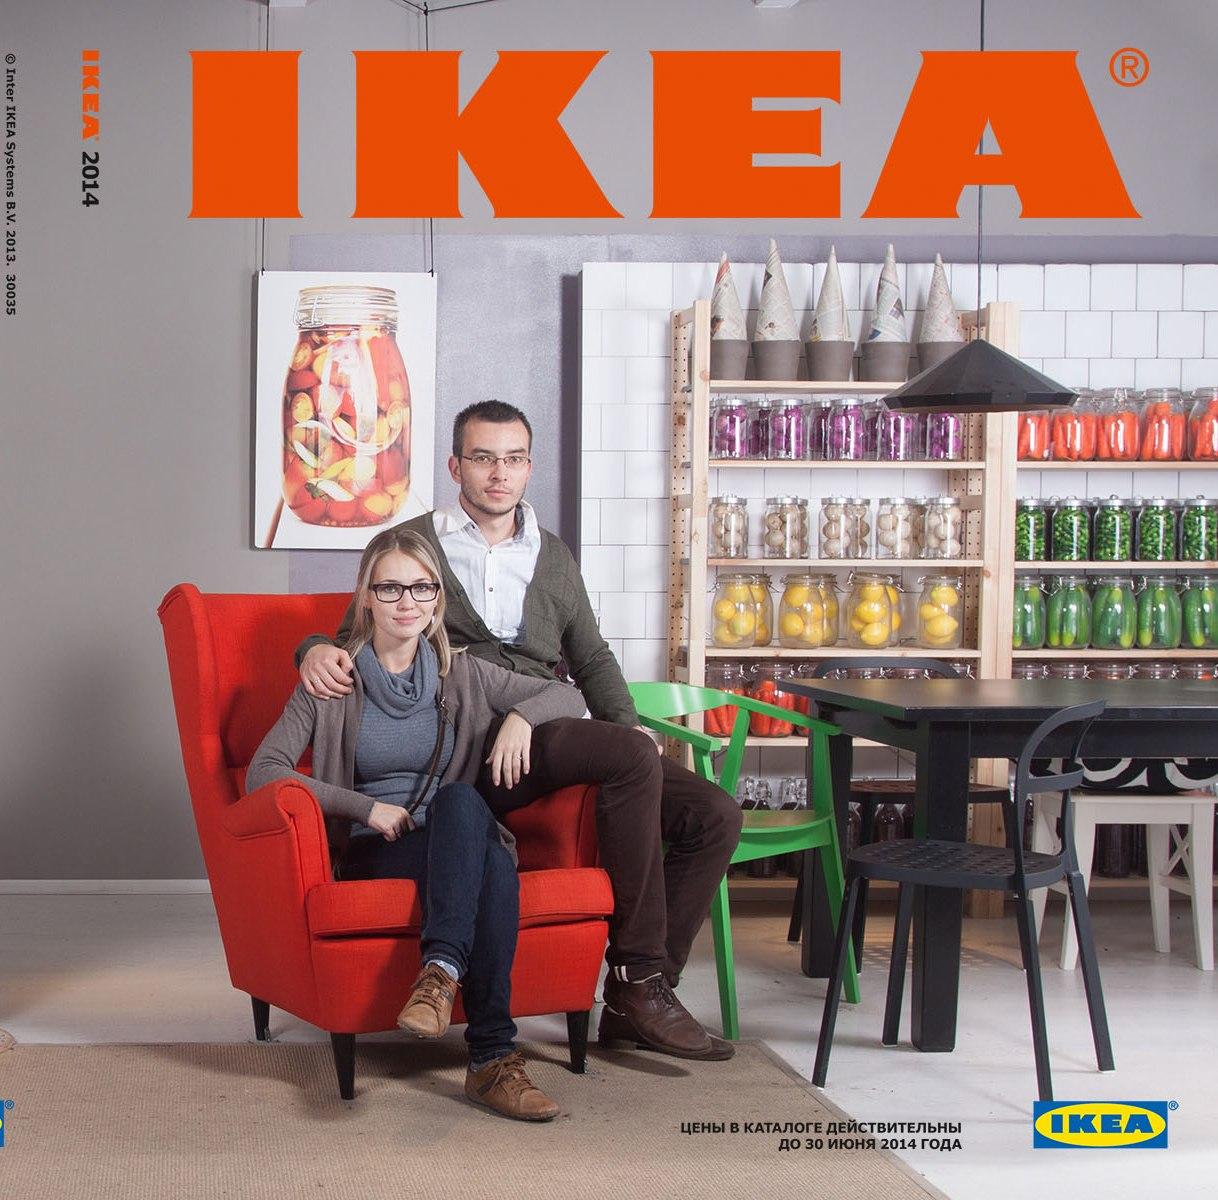 Мария Левицкая с мужем на обложке журнала ИКЕА